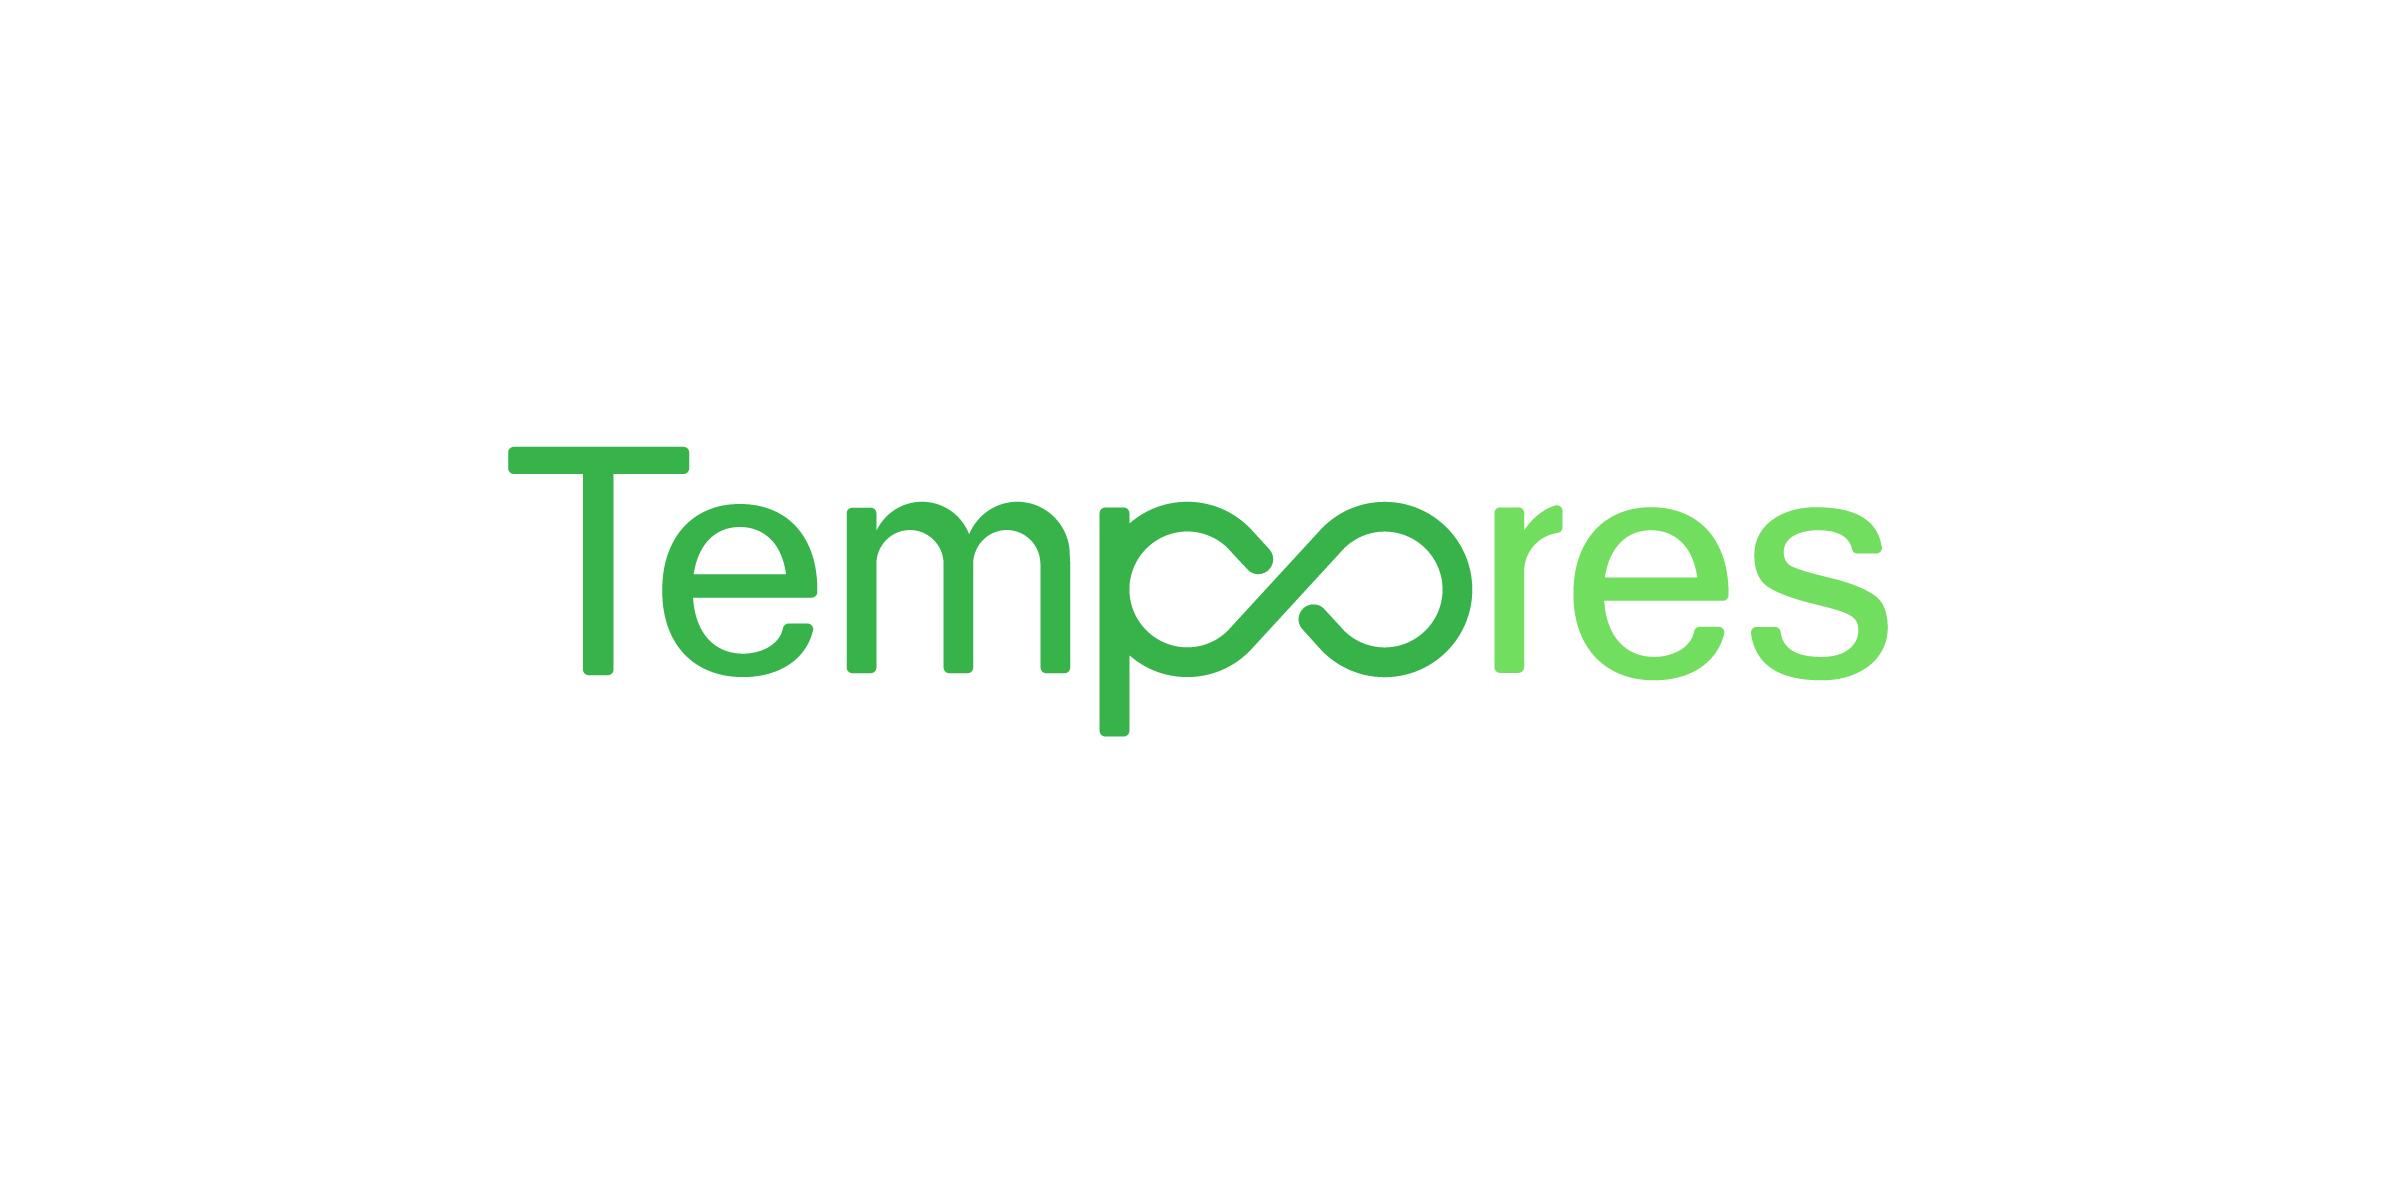 Tempores